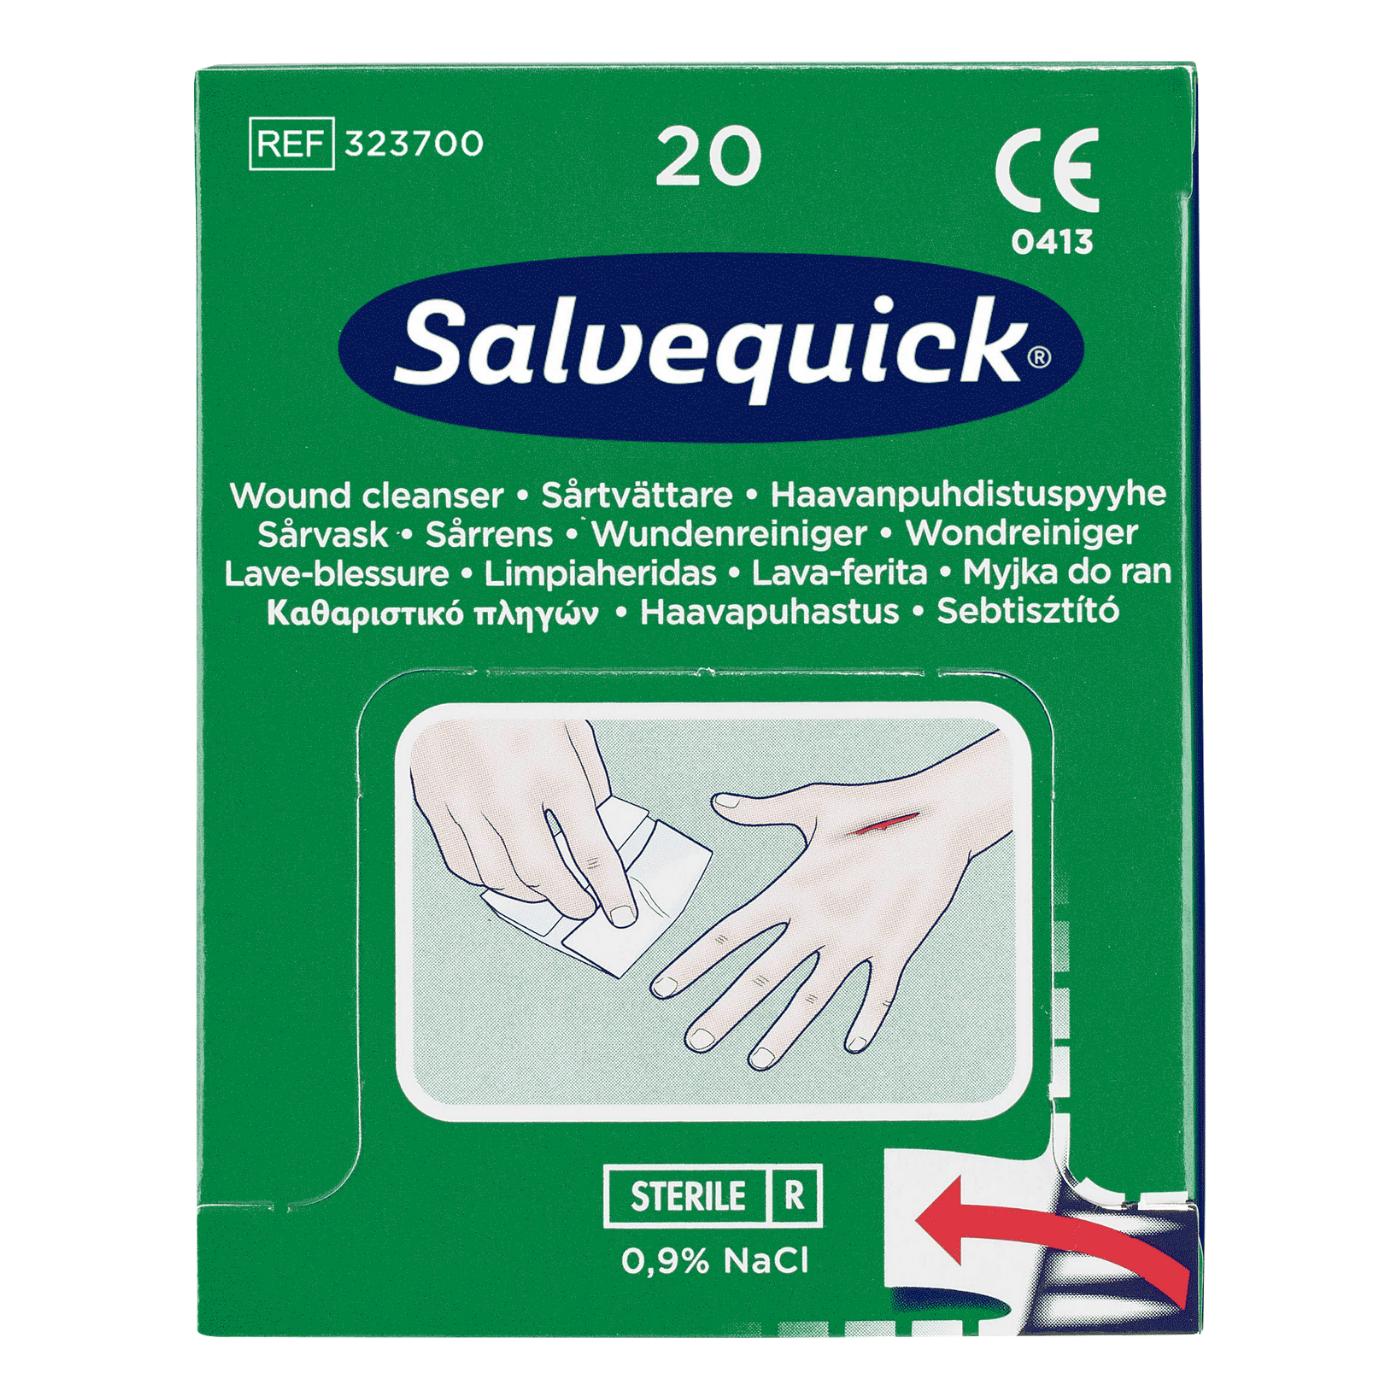 Chusteczki do przemywania ran Salvequick 323700